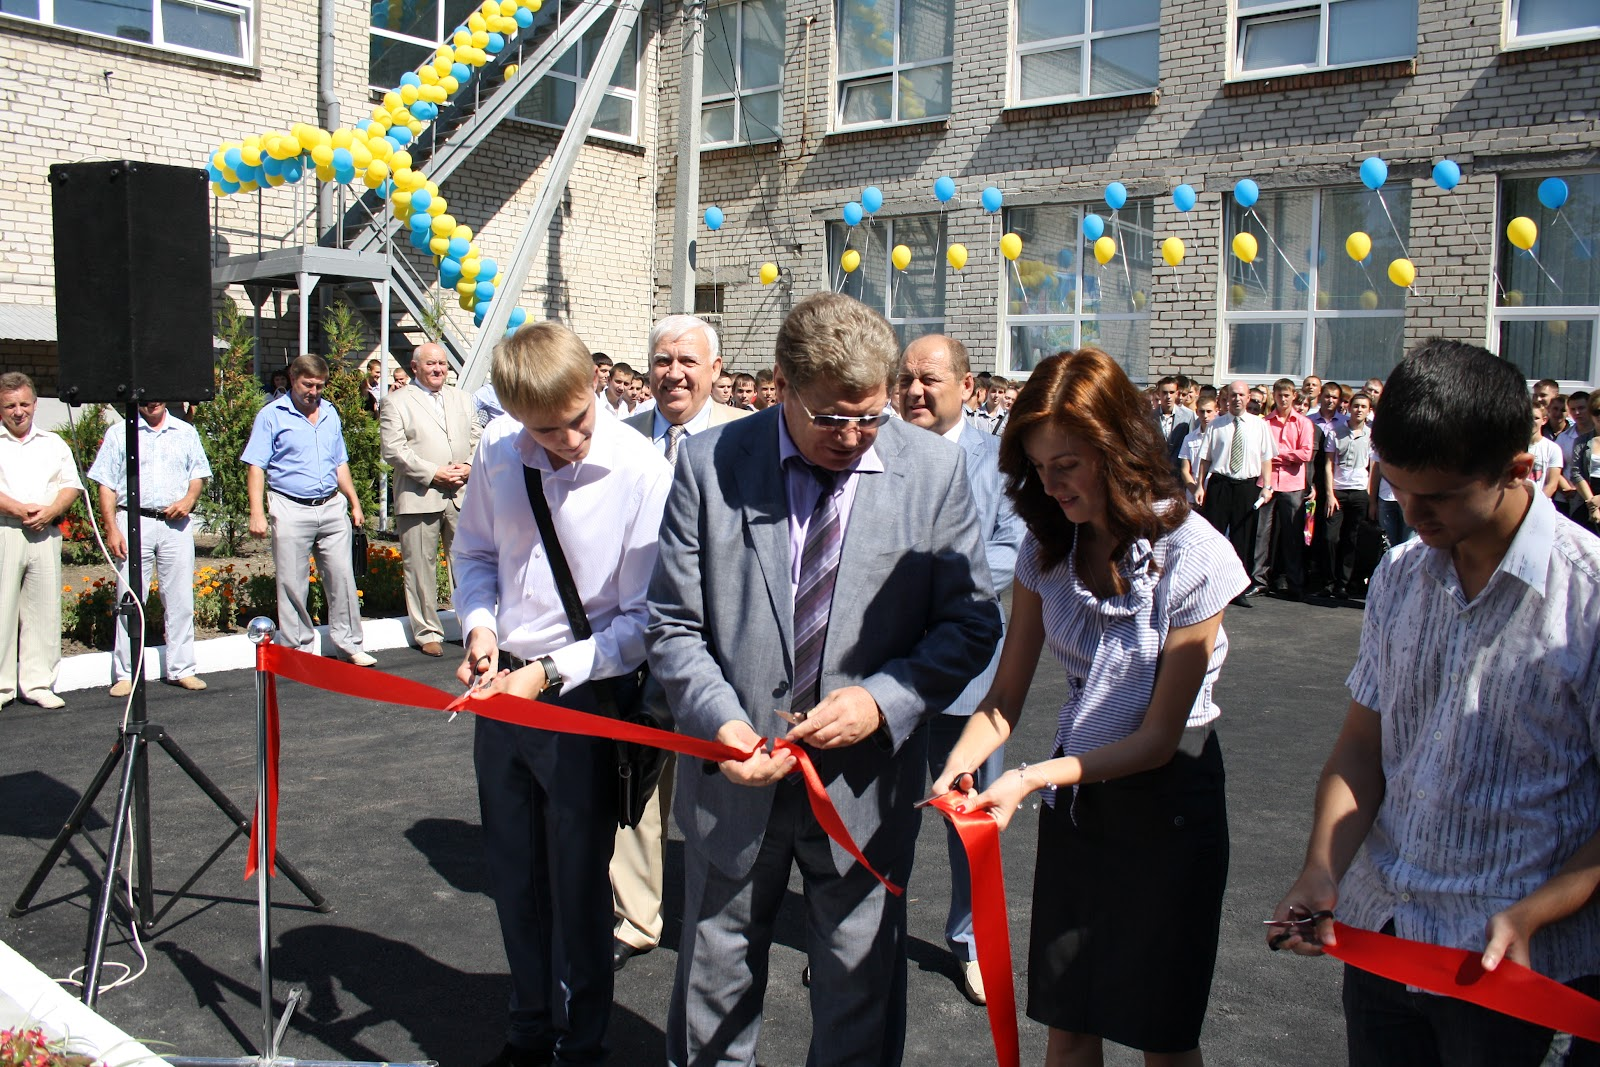 1 сентября - День знаний. Открытие учебно-научного полигона энергетического оборудования.